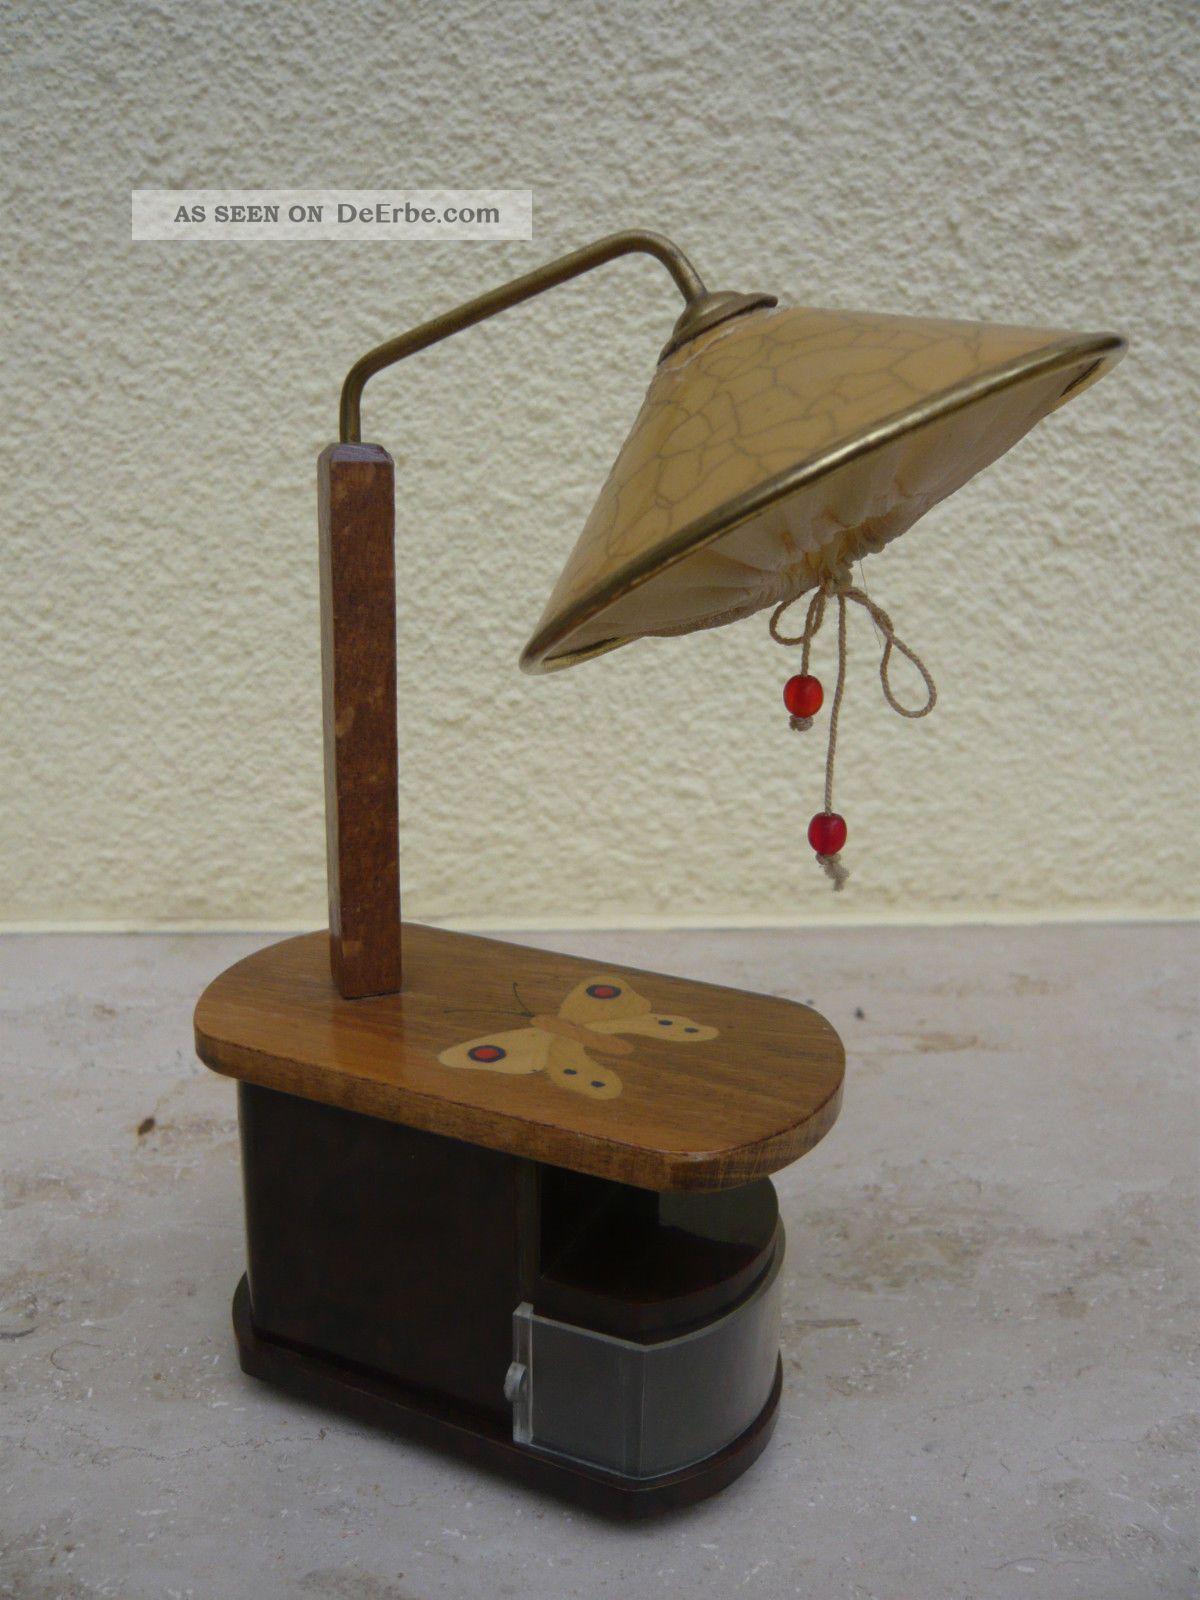 tisch stehlampe mit schmetterling 30er jahre sehr gut erhalten. Black Bedroom Furniture Sets. Home Design Ideas